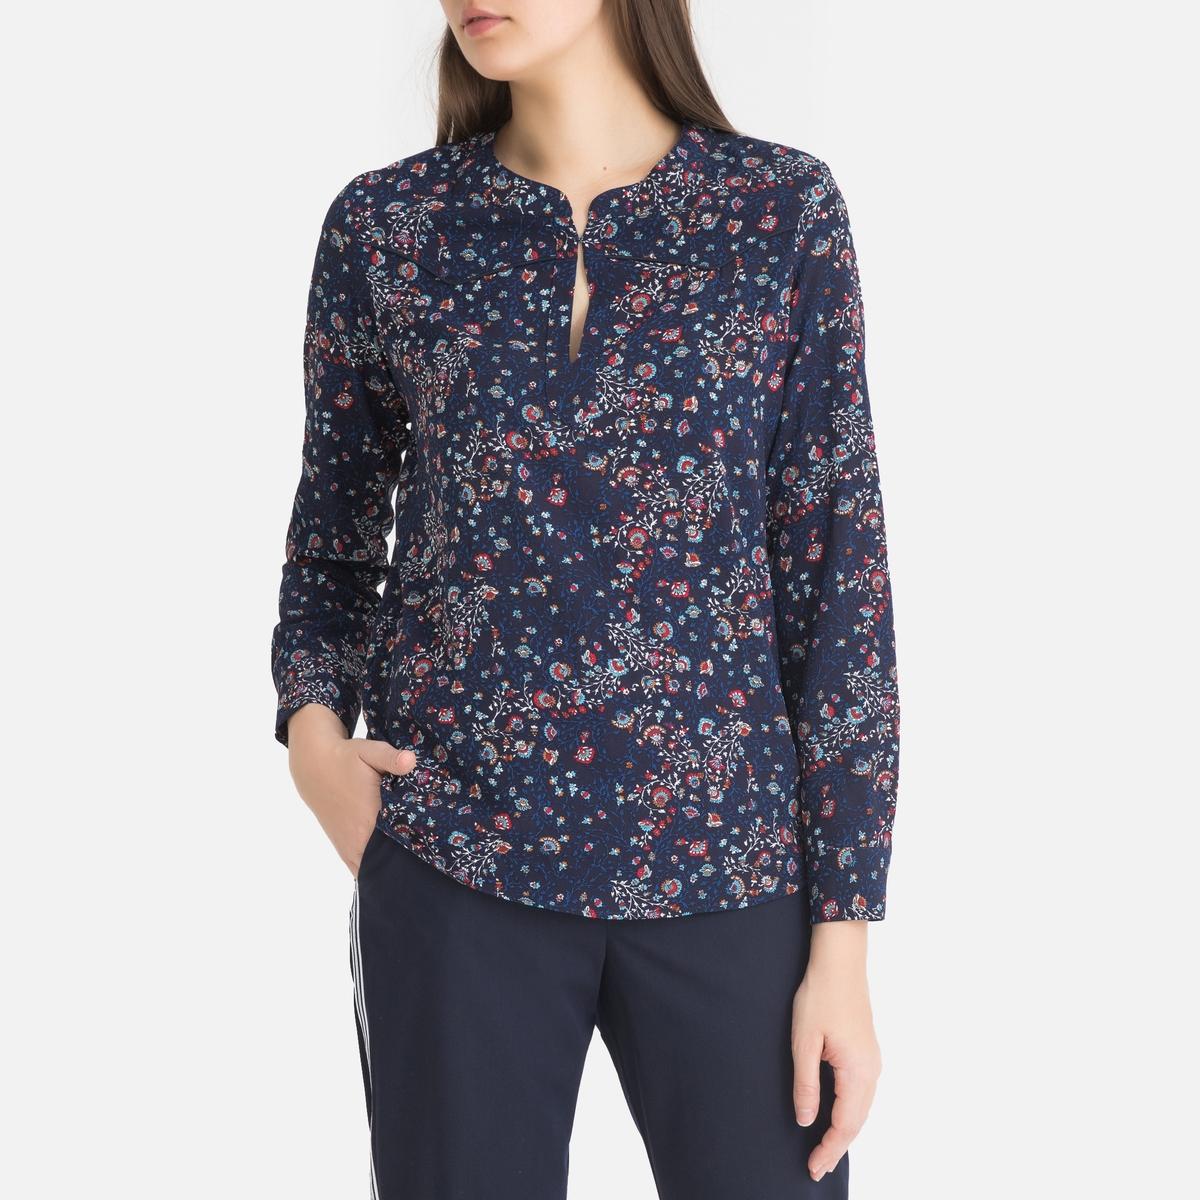 Блузка La Redoute С цветочным рисунком и длинными рукавами 38 (FR) - 44 (RUS) синий рубашка la redoute струящаяся с цветочным принтом и длинными рукавами 34 fr 40 rus фиолетовый